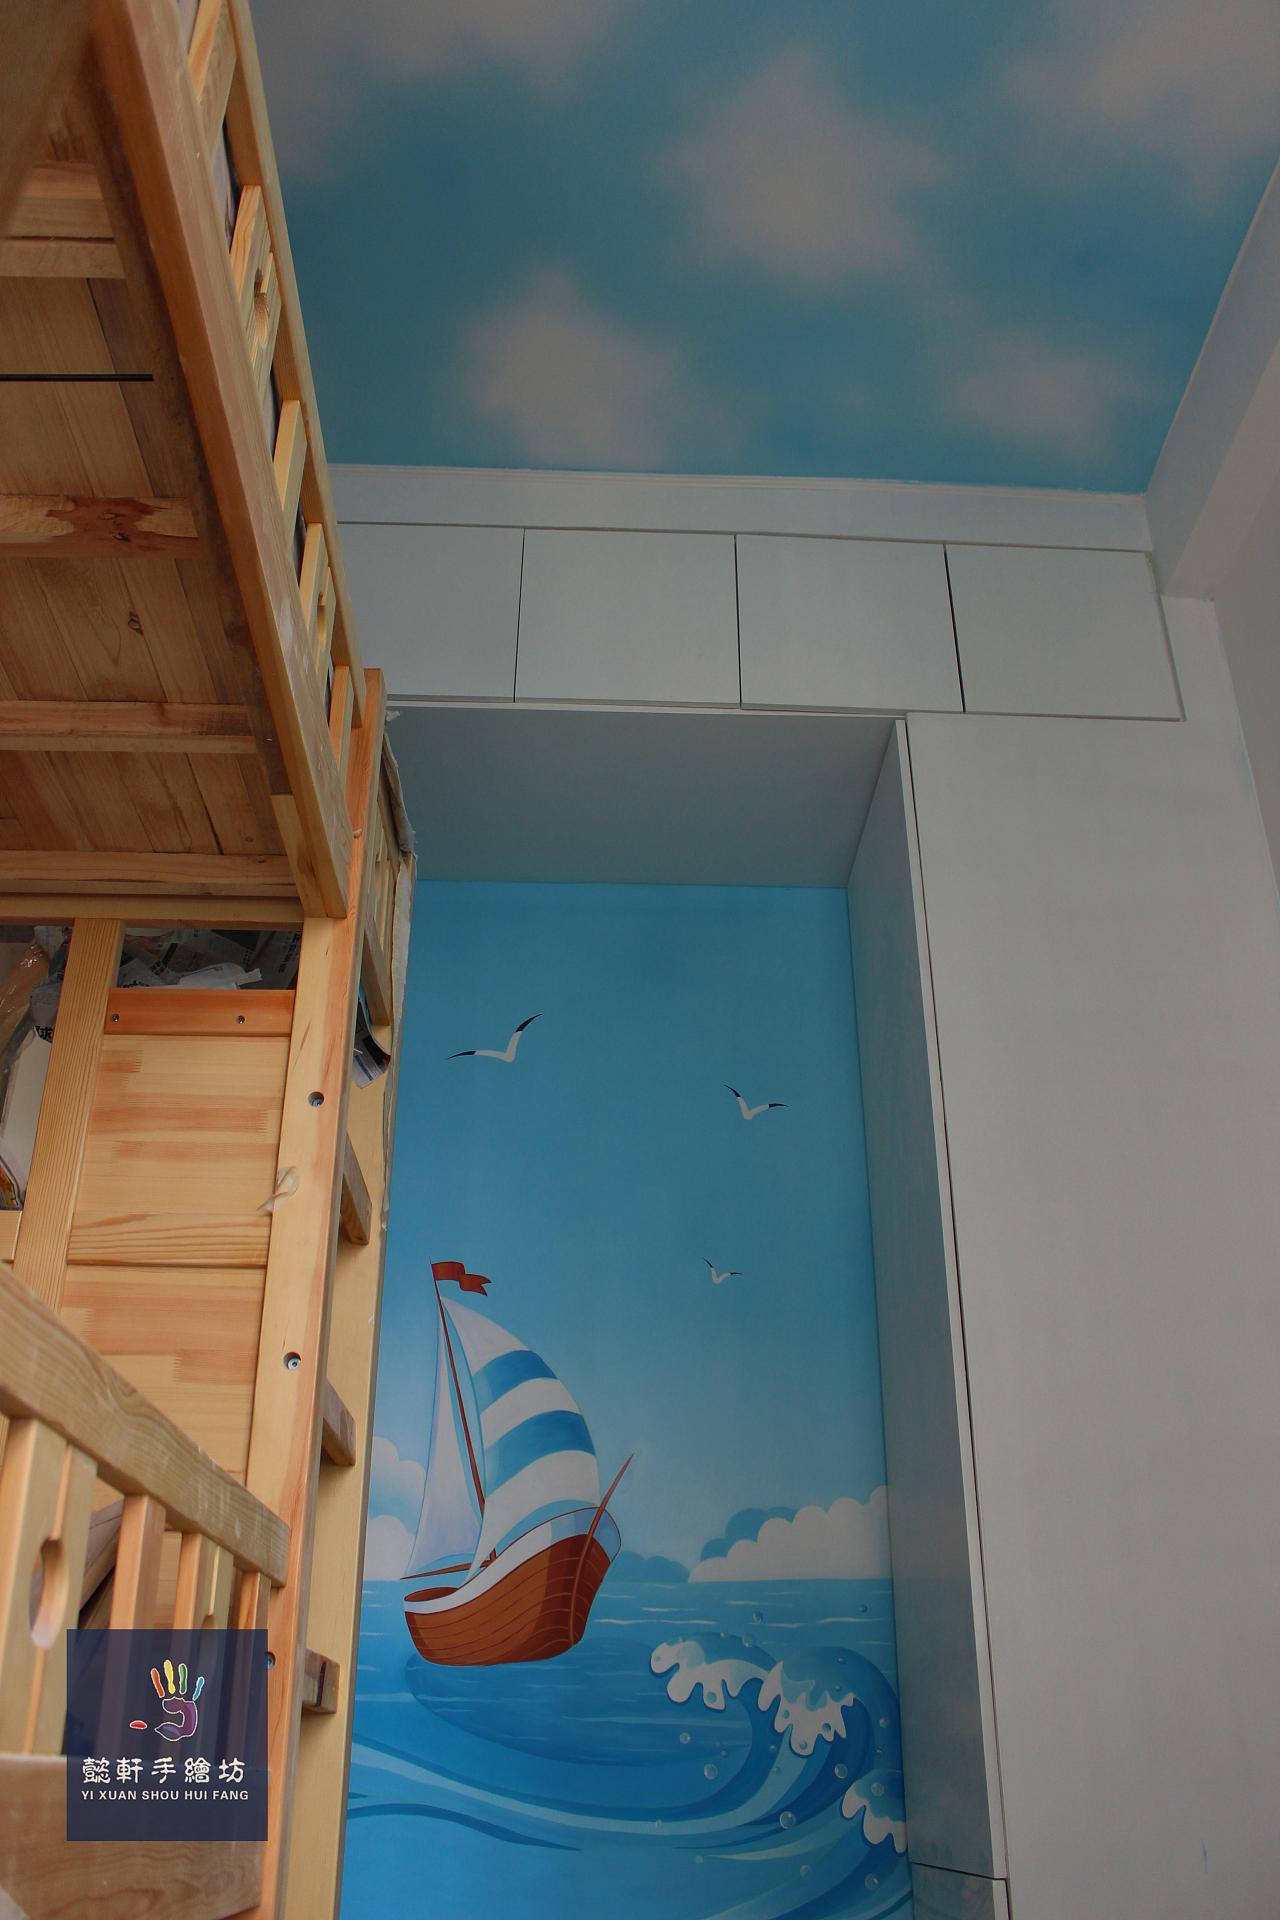 儿童房|其他|墙绘/立体画|懿轩手绘墙 - 原创作品